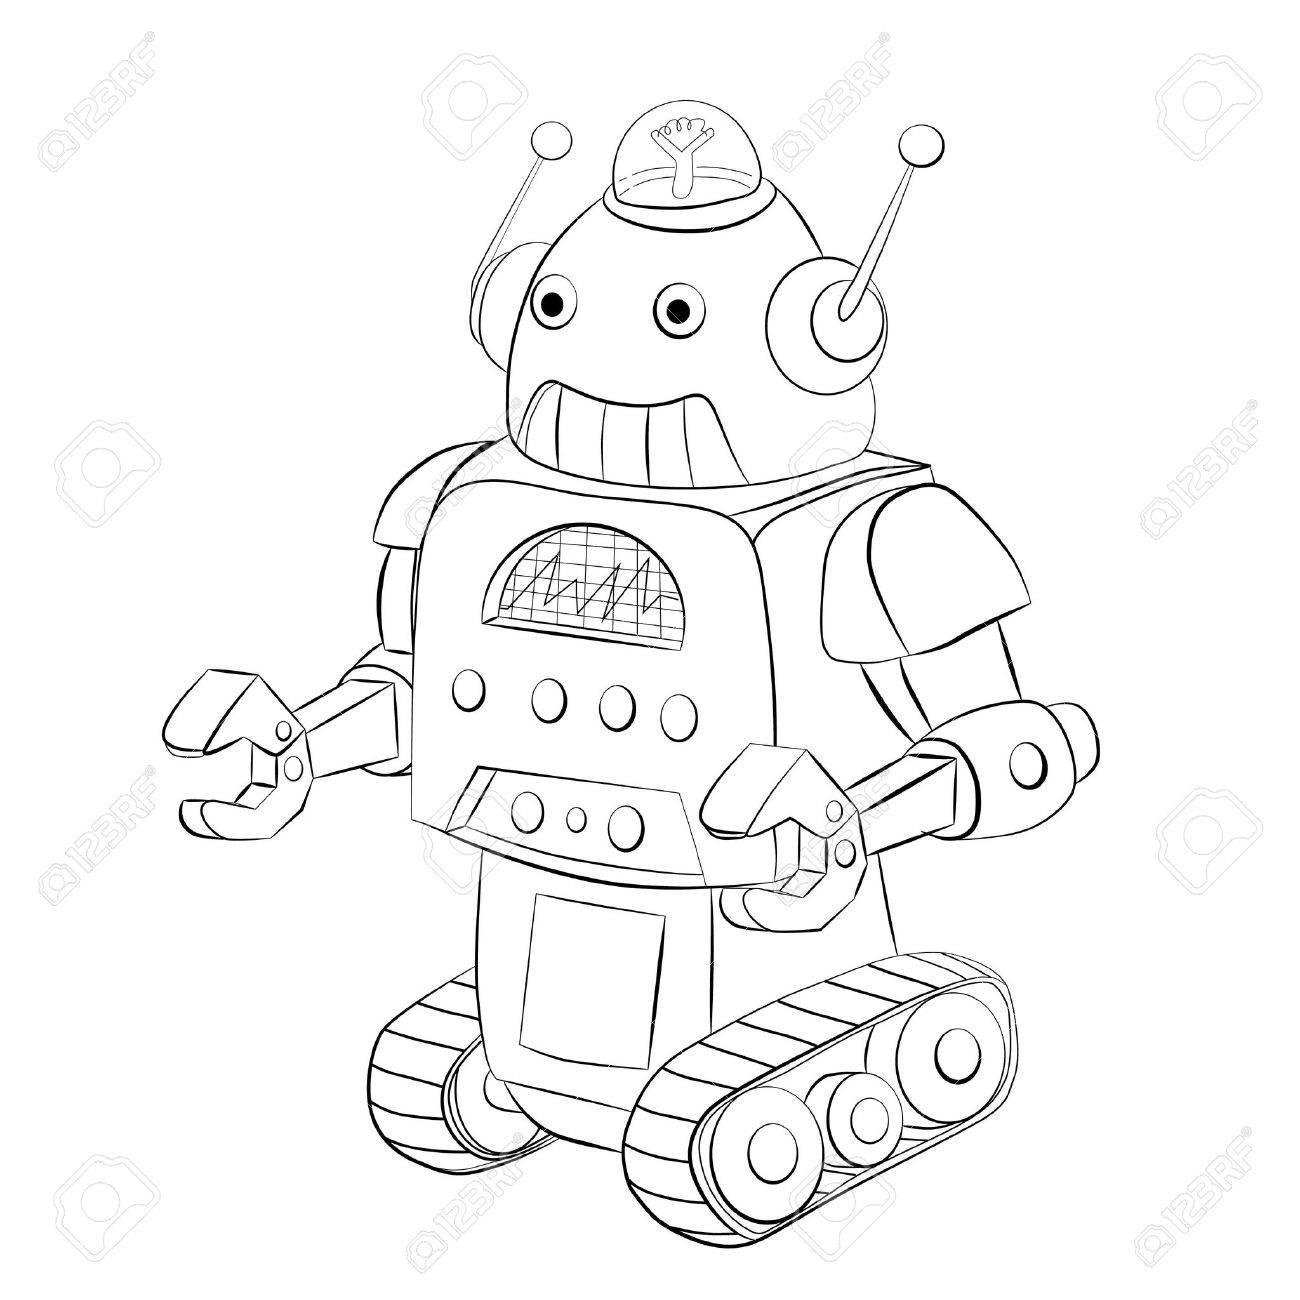 Cartoon Robot Crawler Coloring Book Stock Vector